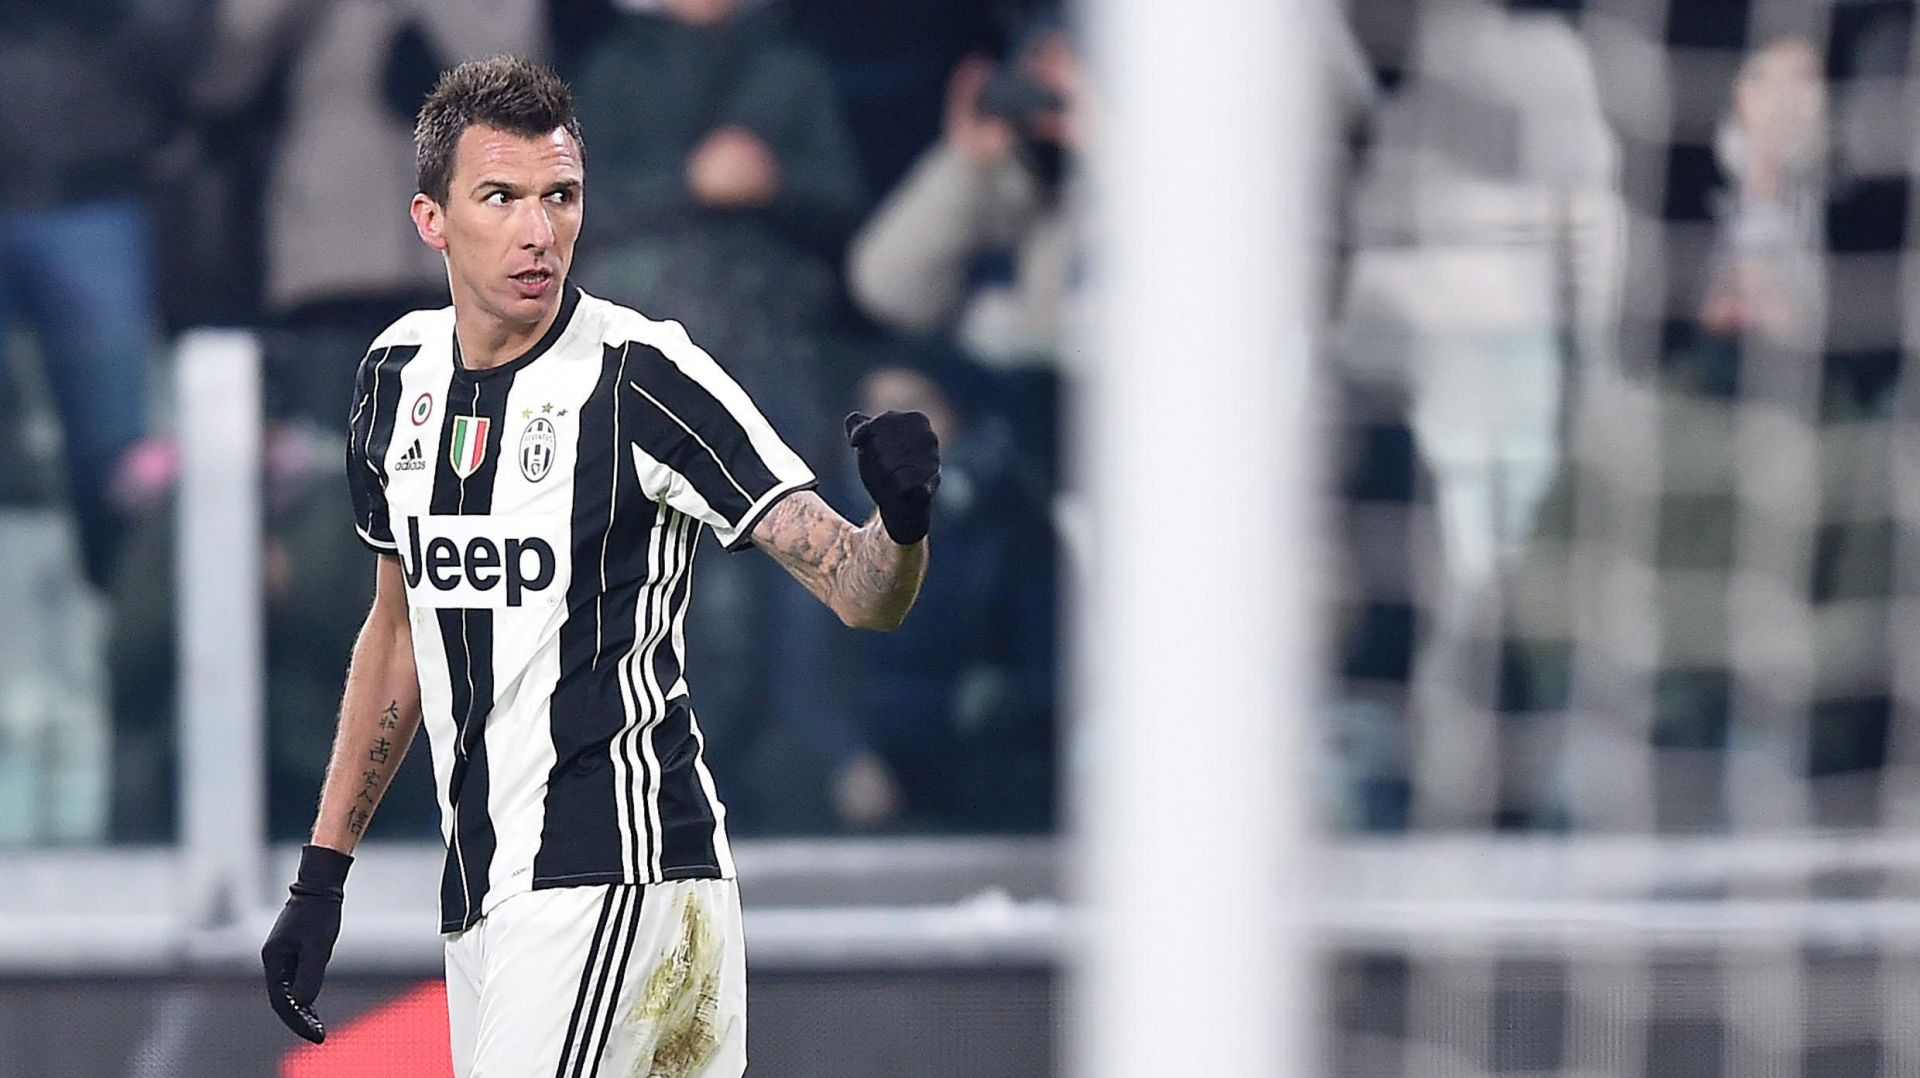 MANDŽUKIĆEV SIJEČANJ 'Mr. No Good' proglašen najboljim igračem Juventusa